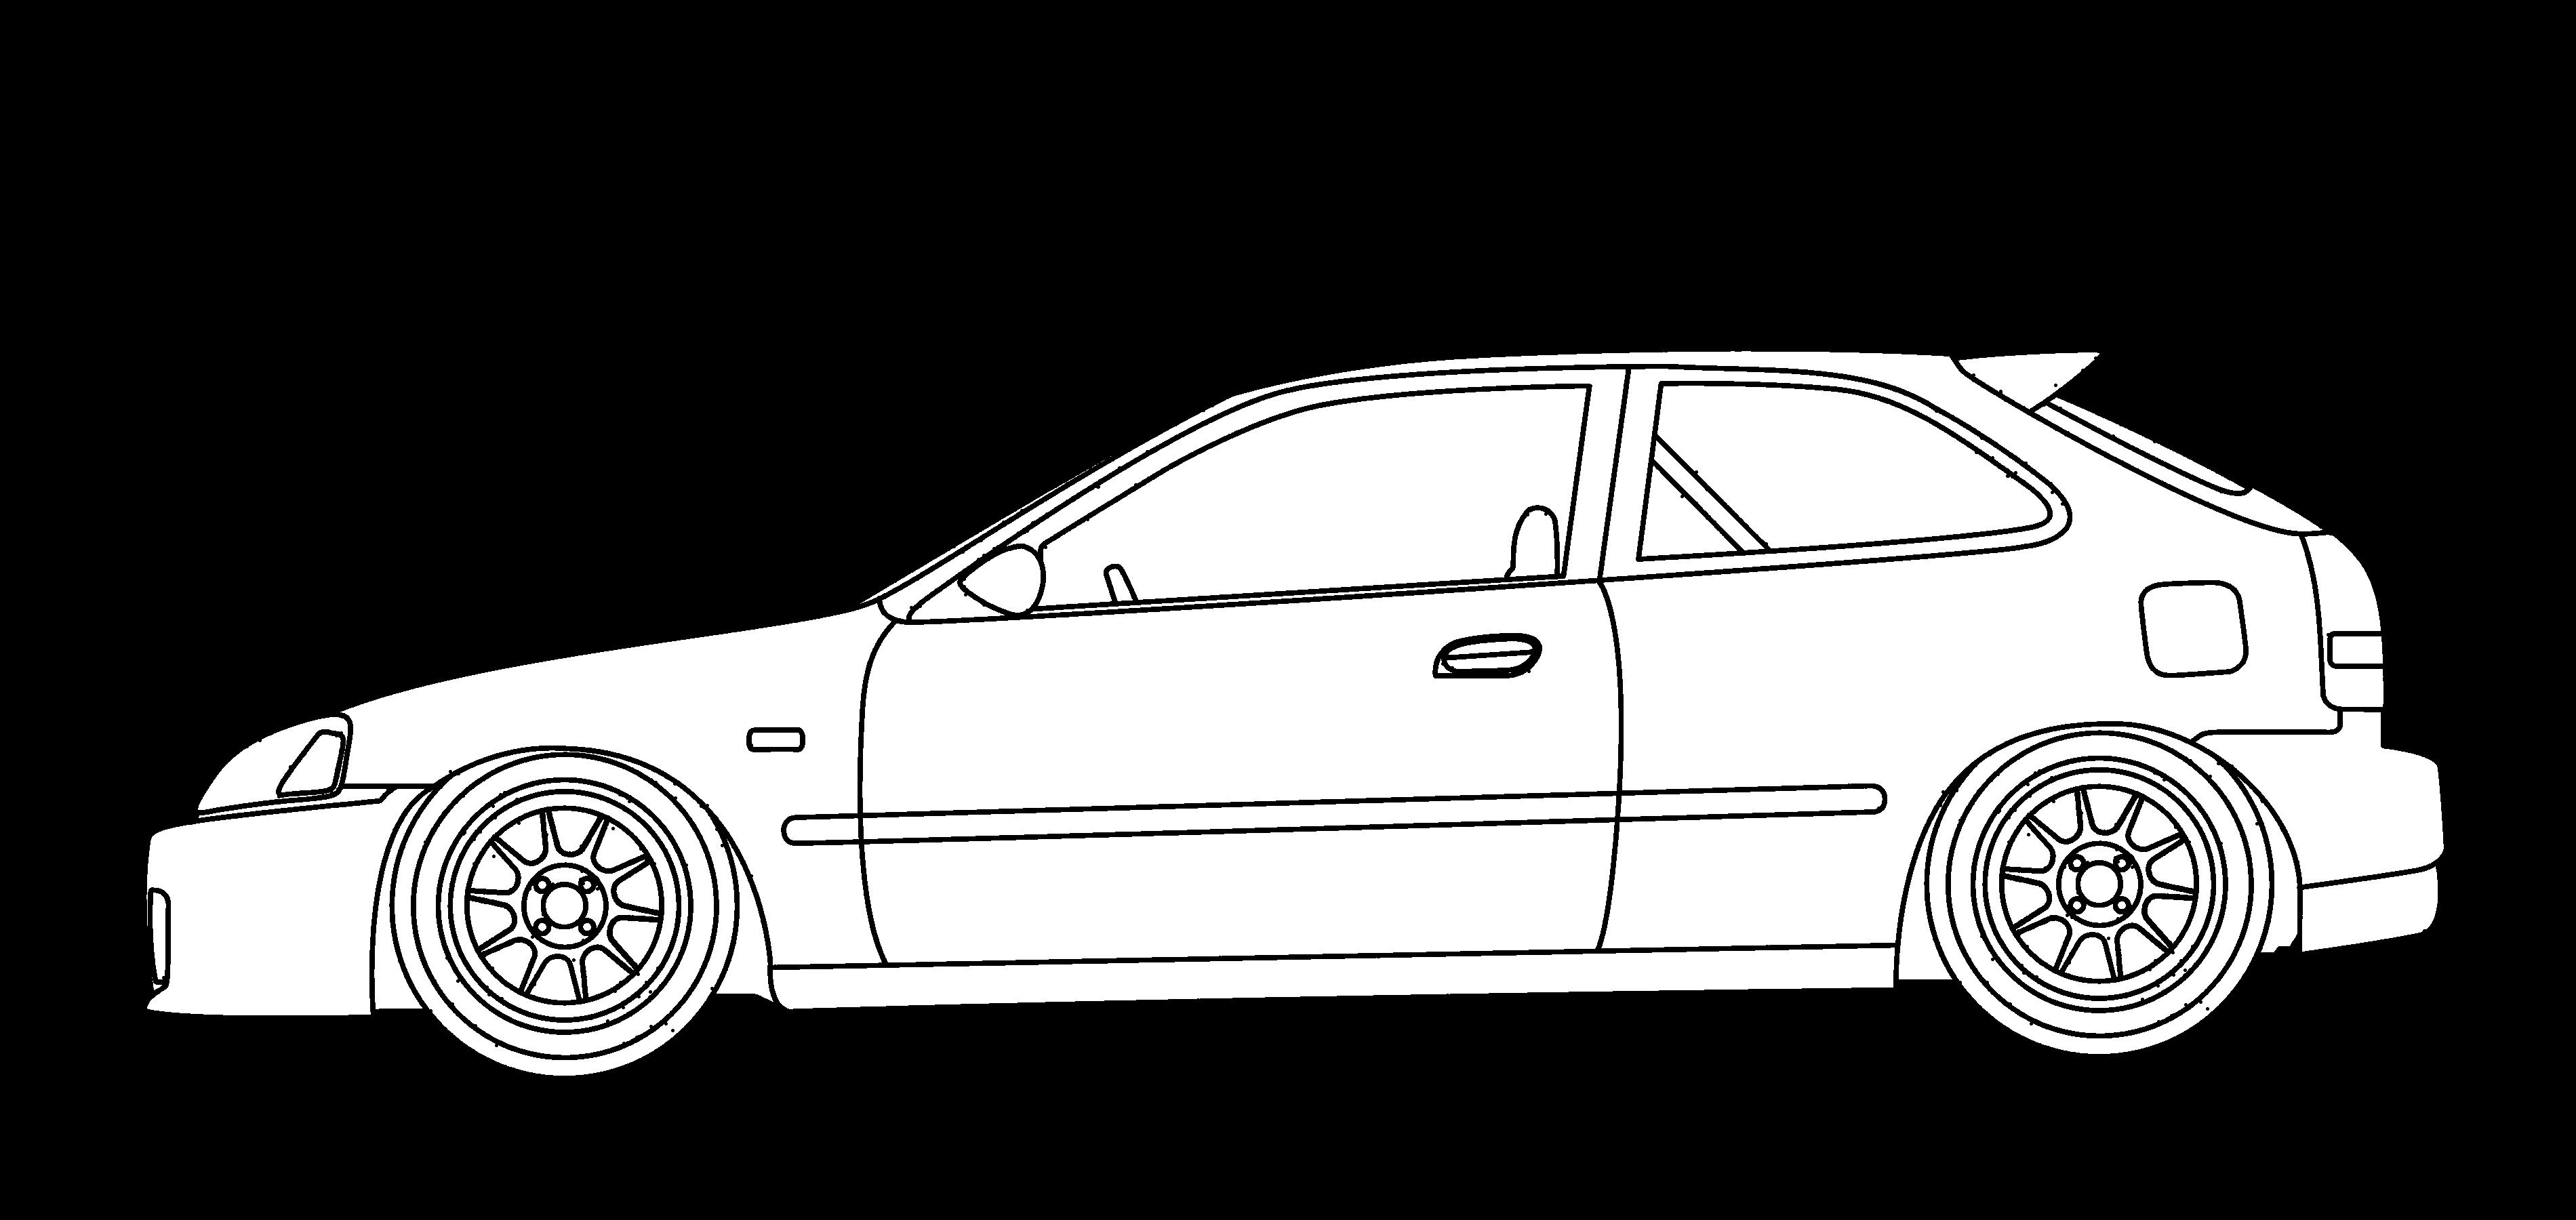 Honda civic si clipart clip art transparent stock Honda Civic EK9   Hondas Only   Honda civic hatchback, Honda civic ... clip art transparent stock